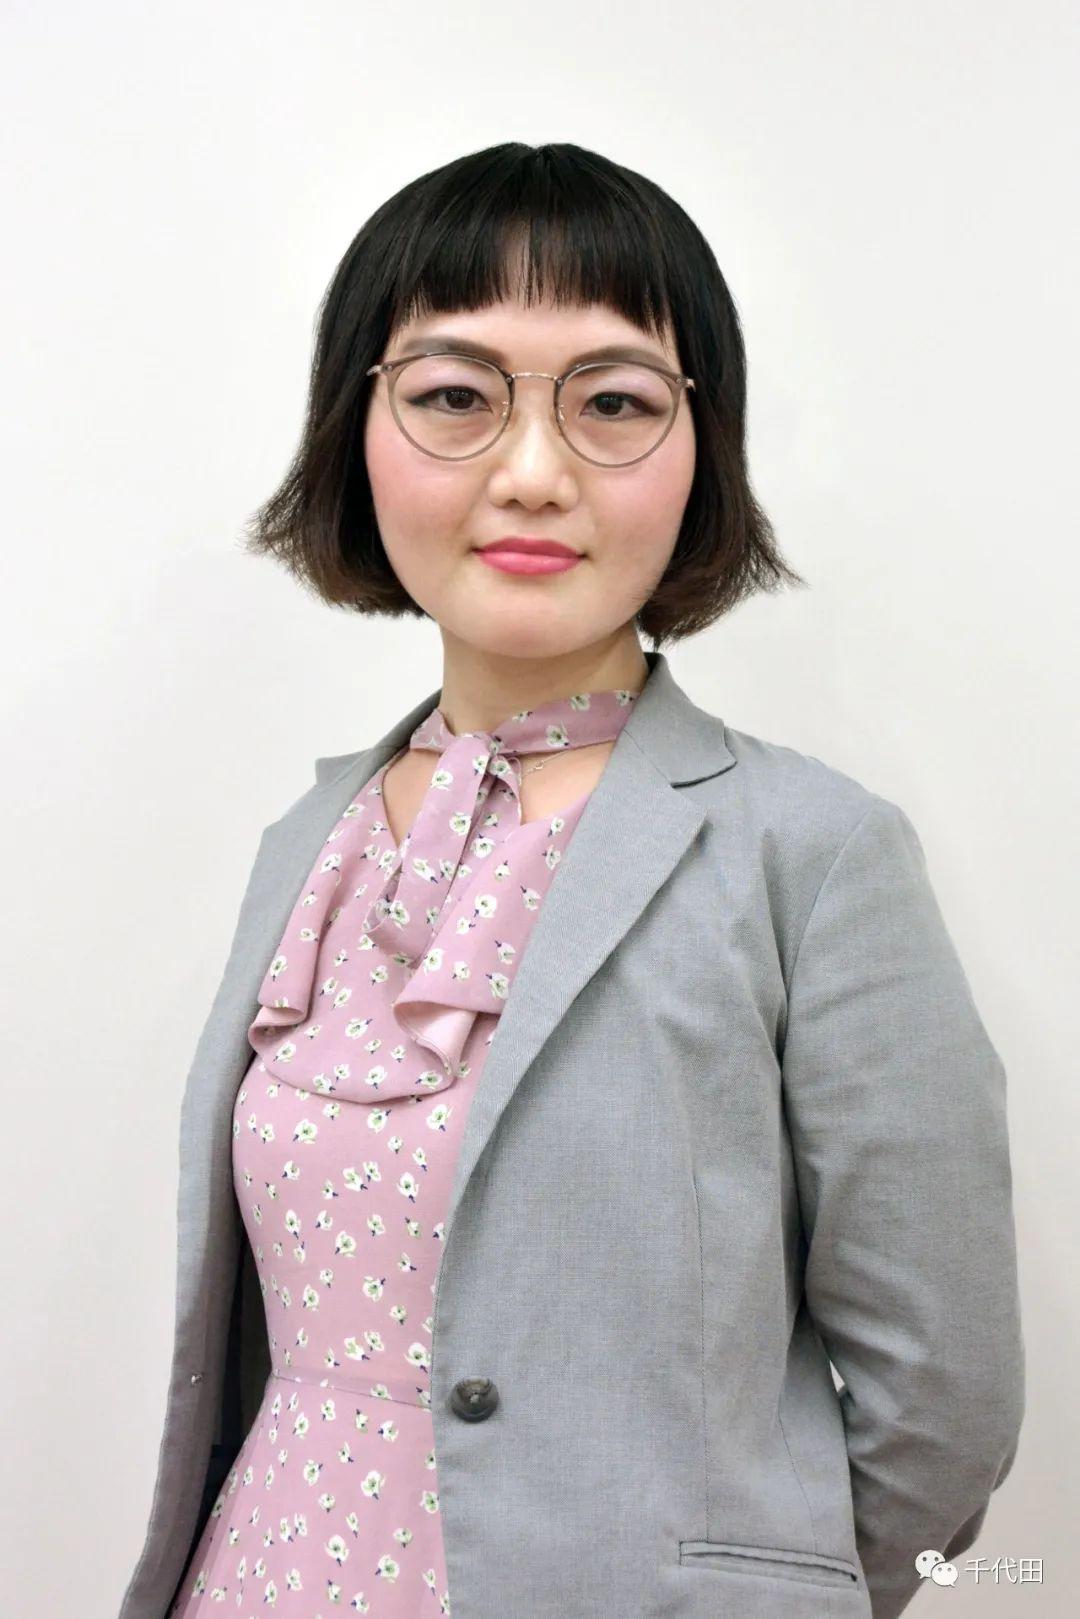 千代田文理丨一年圆梦:锦旗赠恩师,学子表谢意。